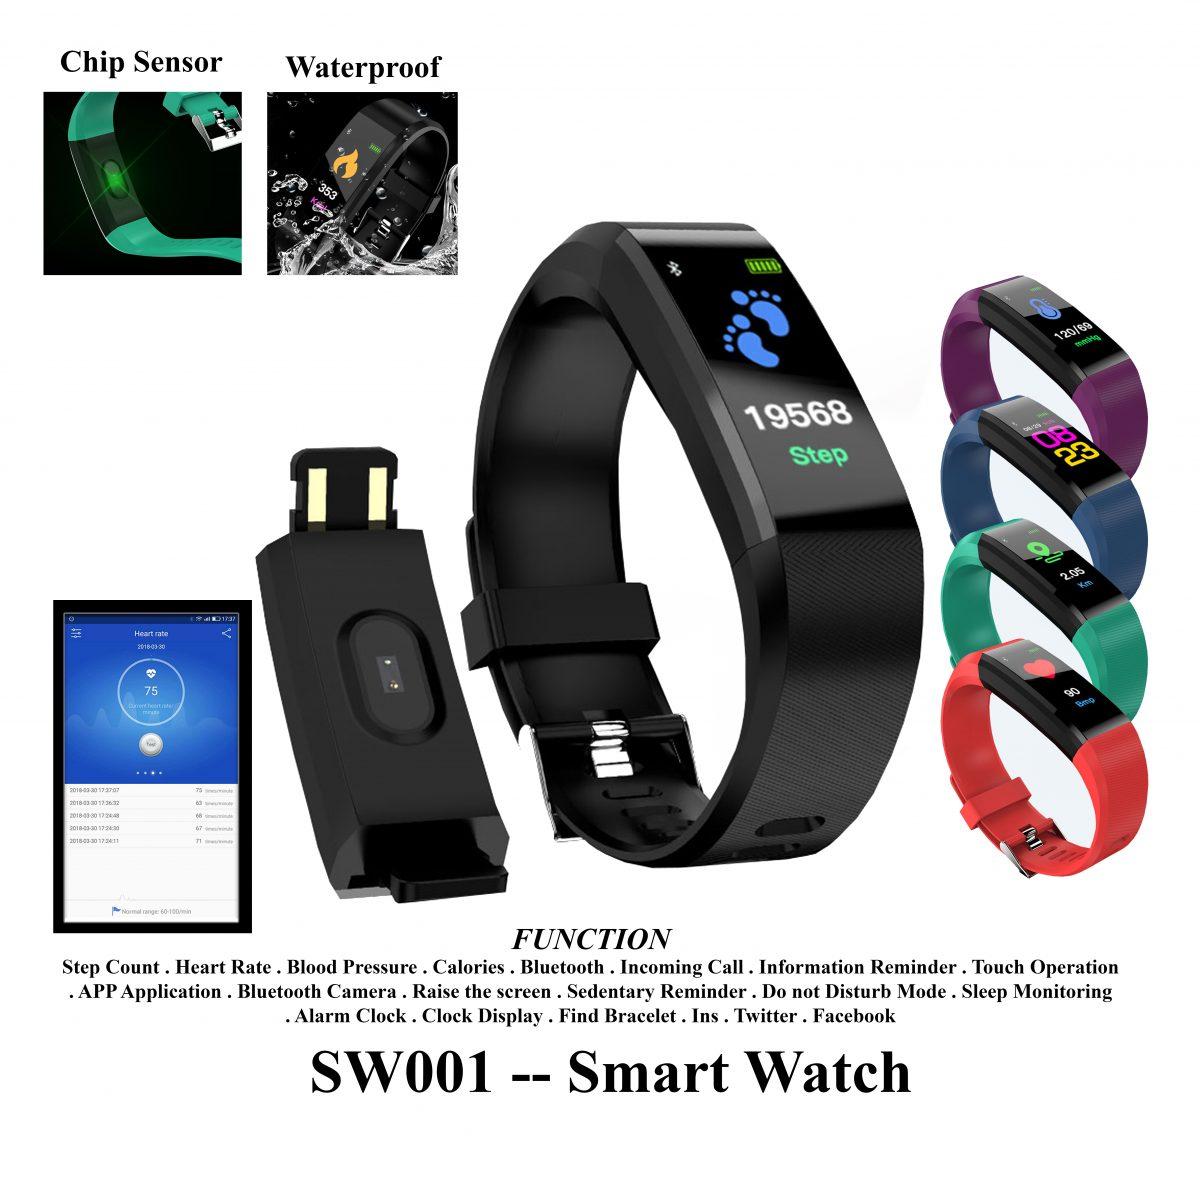 SW001 — Smart Watch